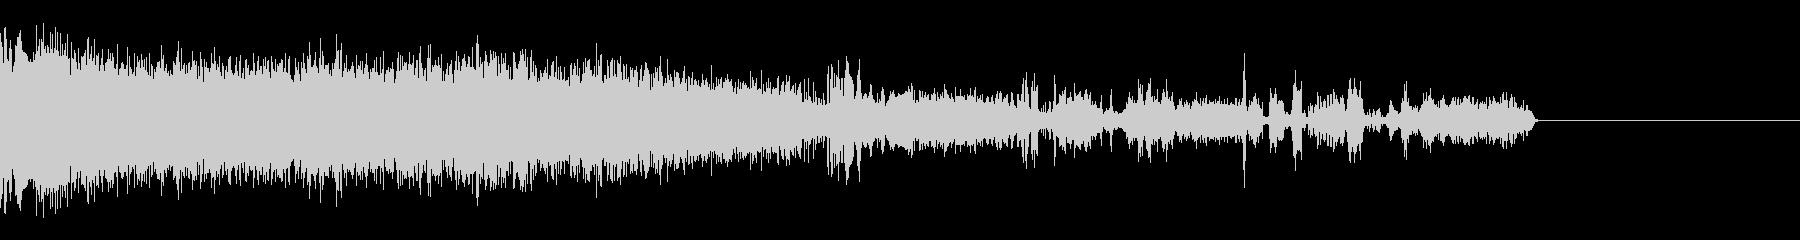 FMラジオ的ジングル12の未再生の波形